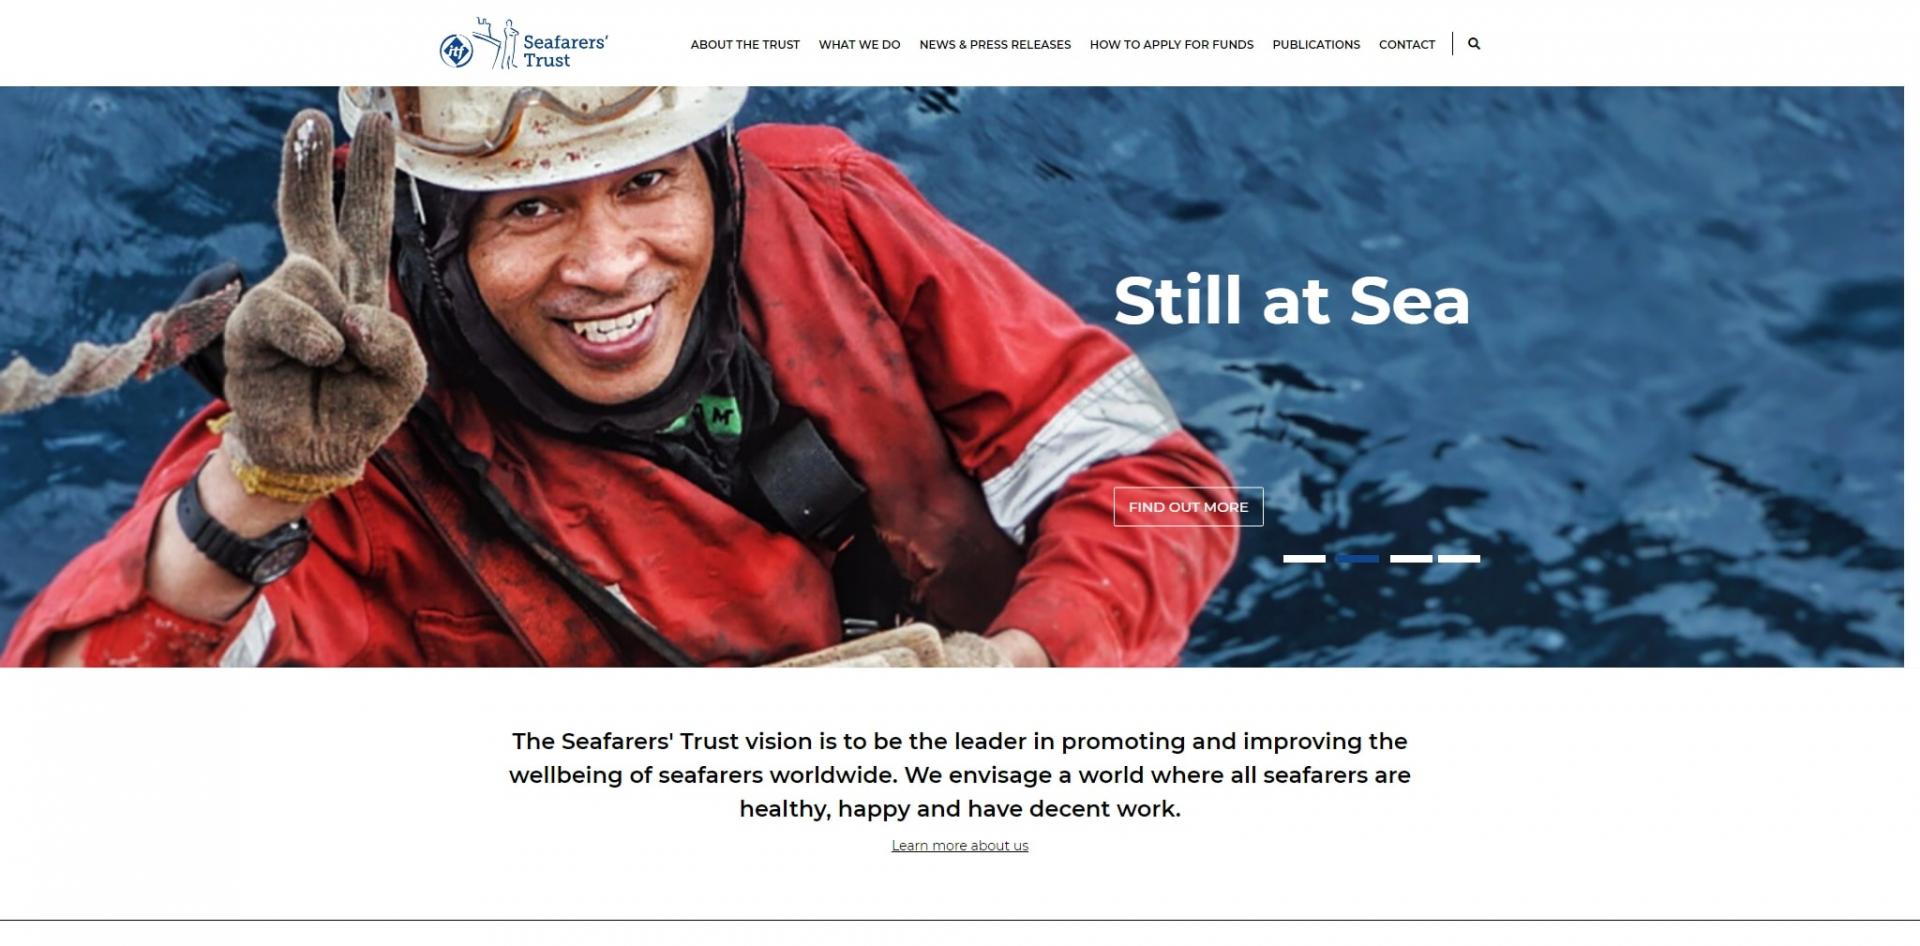 ITF website built in Drupal